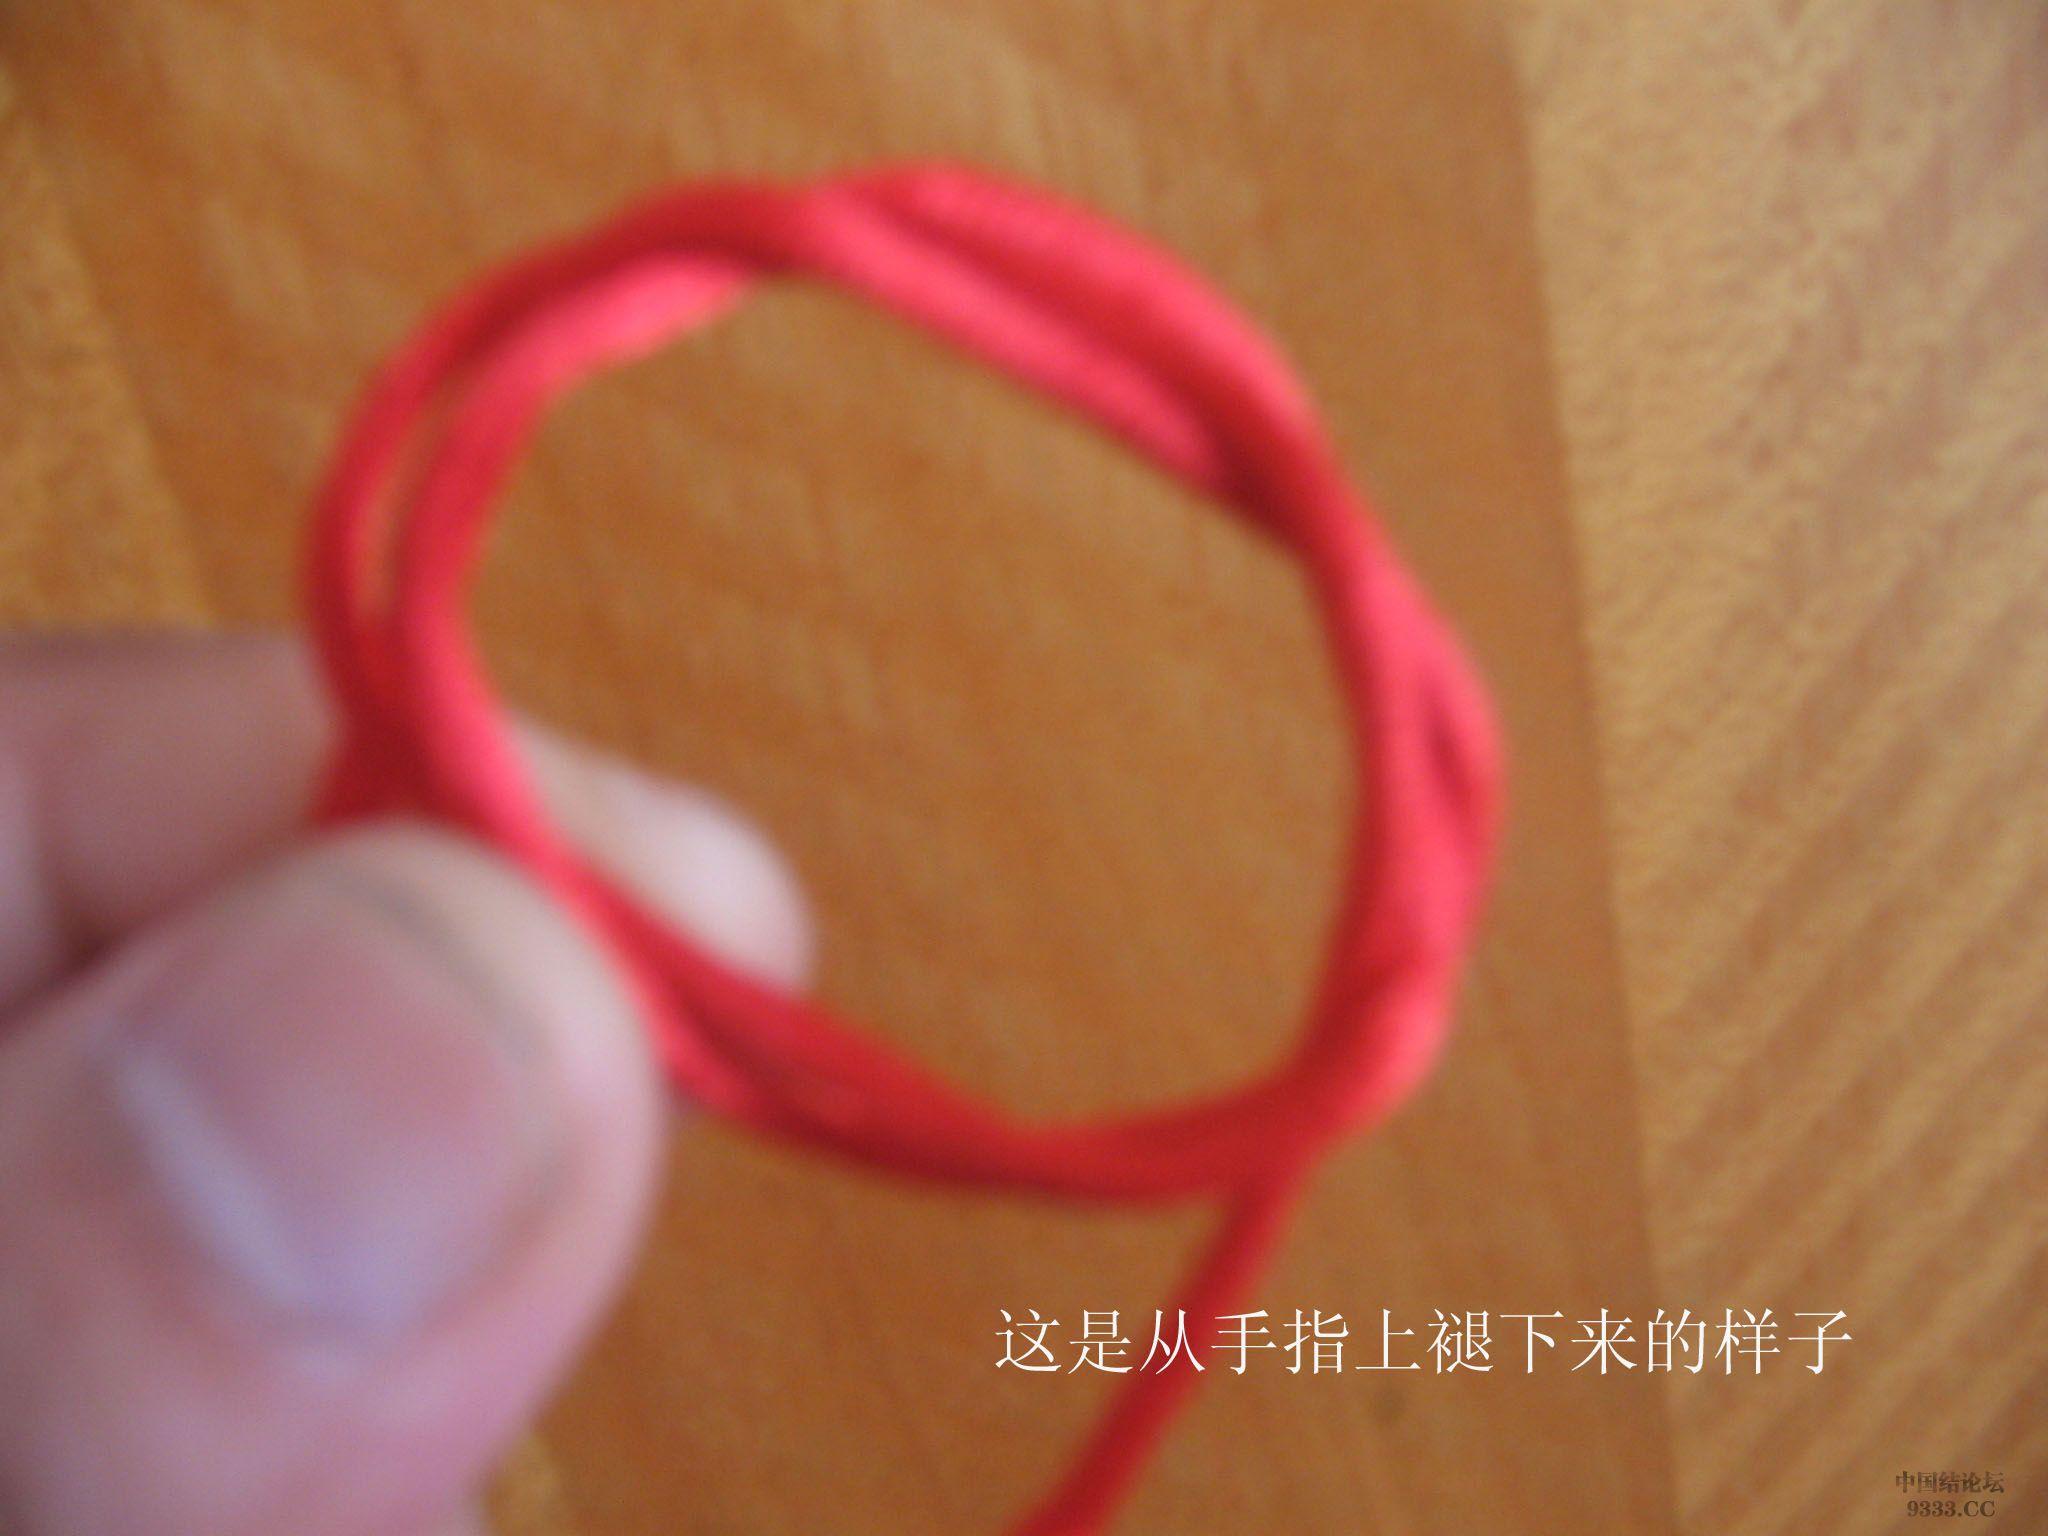 中国结论坛 原创-双钱结的快速编制方法 双钱结 基本结-新手入门必看 0907240955a63a4c35a3fb9fad